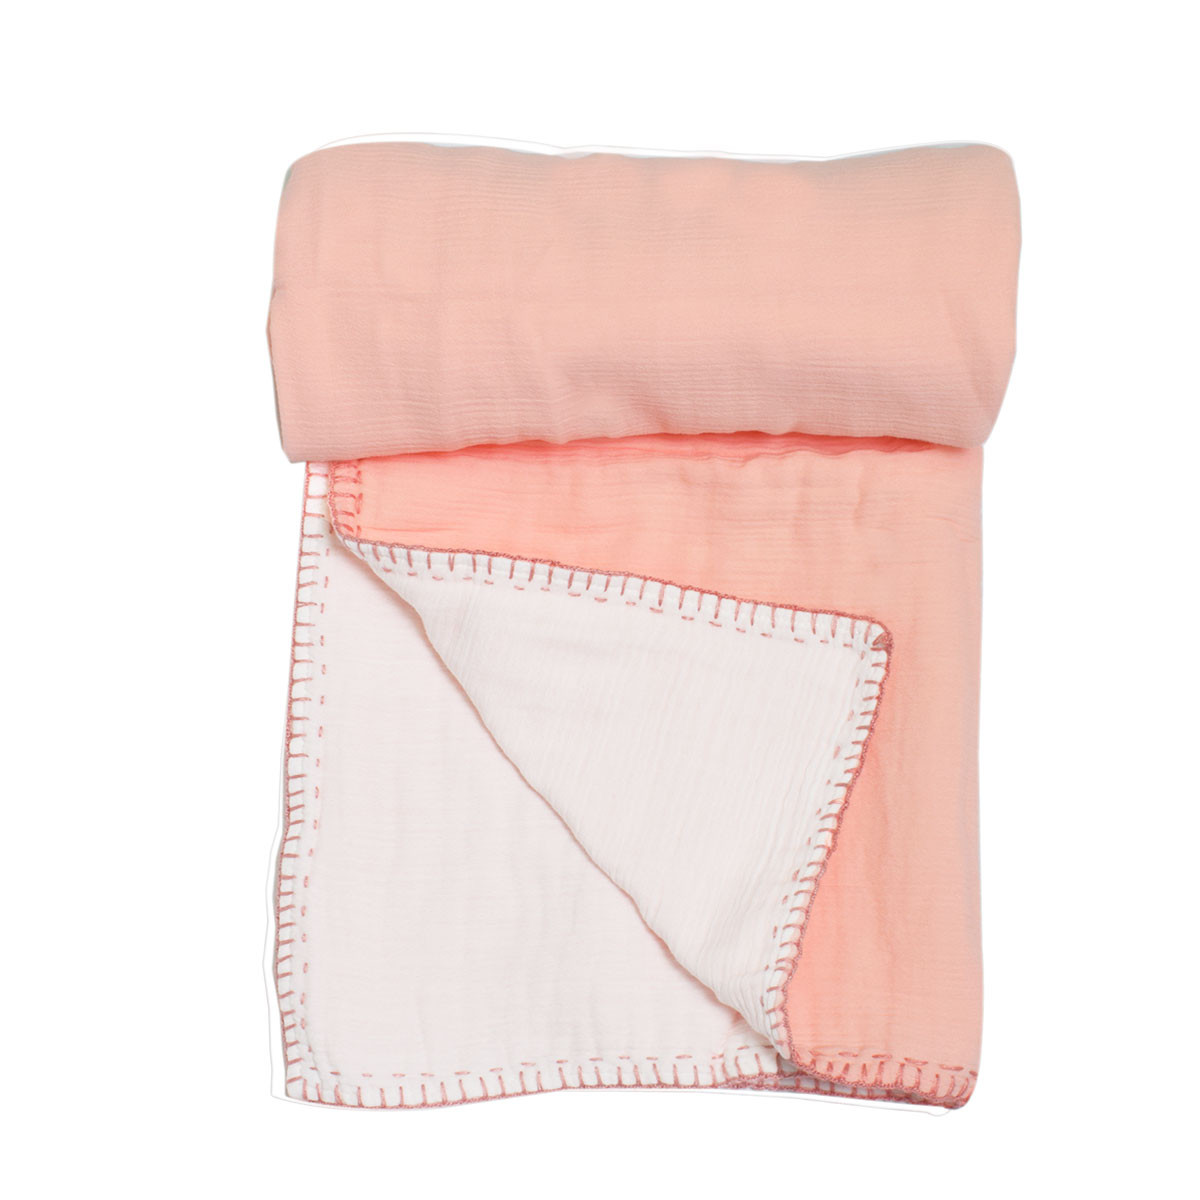 Κουβέρτα Μουσελίνα Αγκαλιάς 2 Όψεων Cigit Double Pink/White